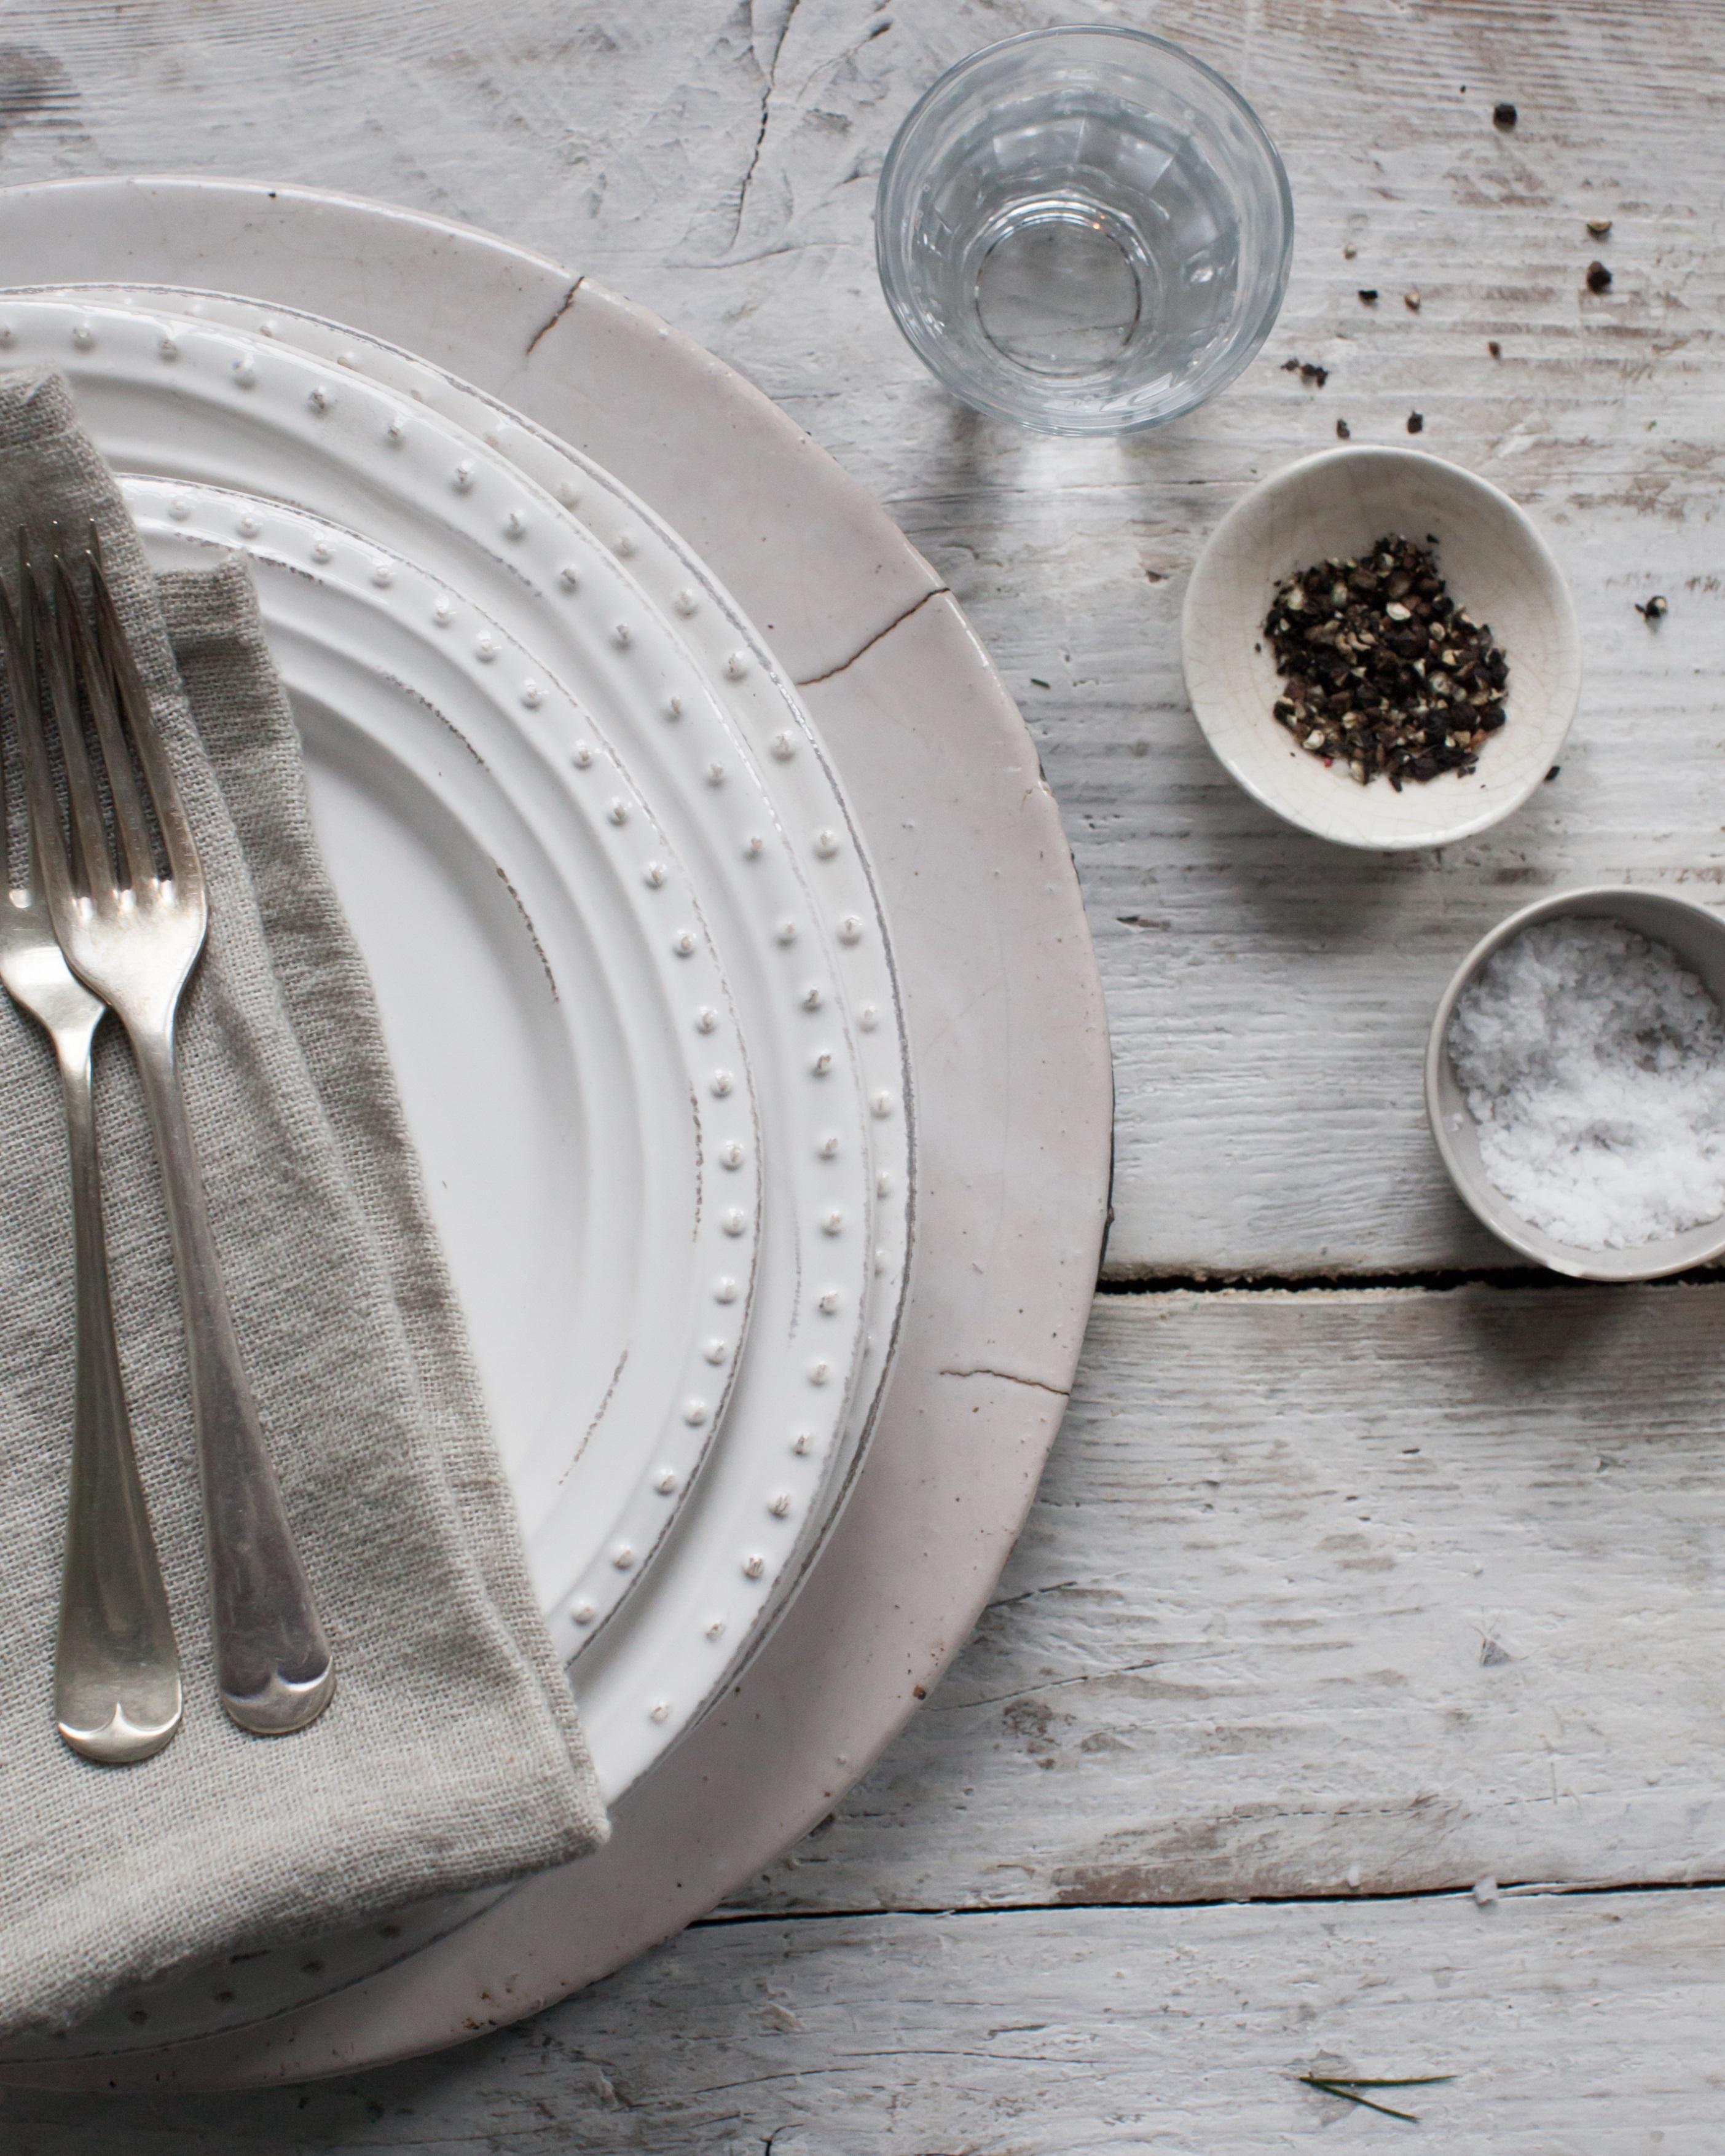 Geschirr Landhausstil service bosley serviette emily küche holztisch g